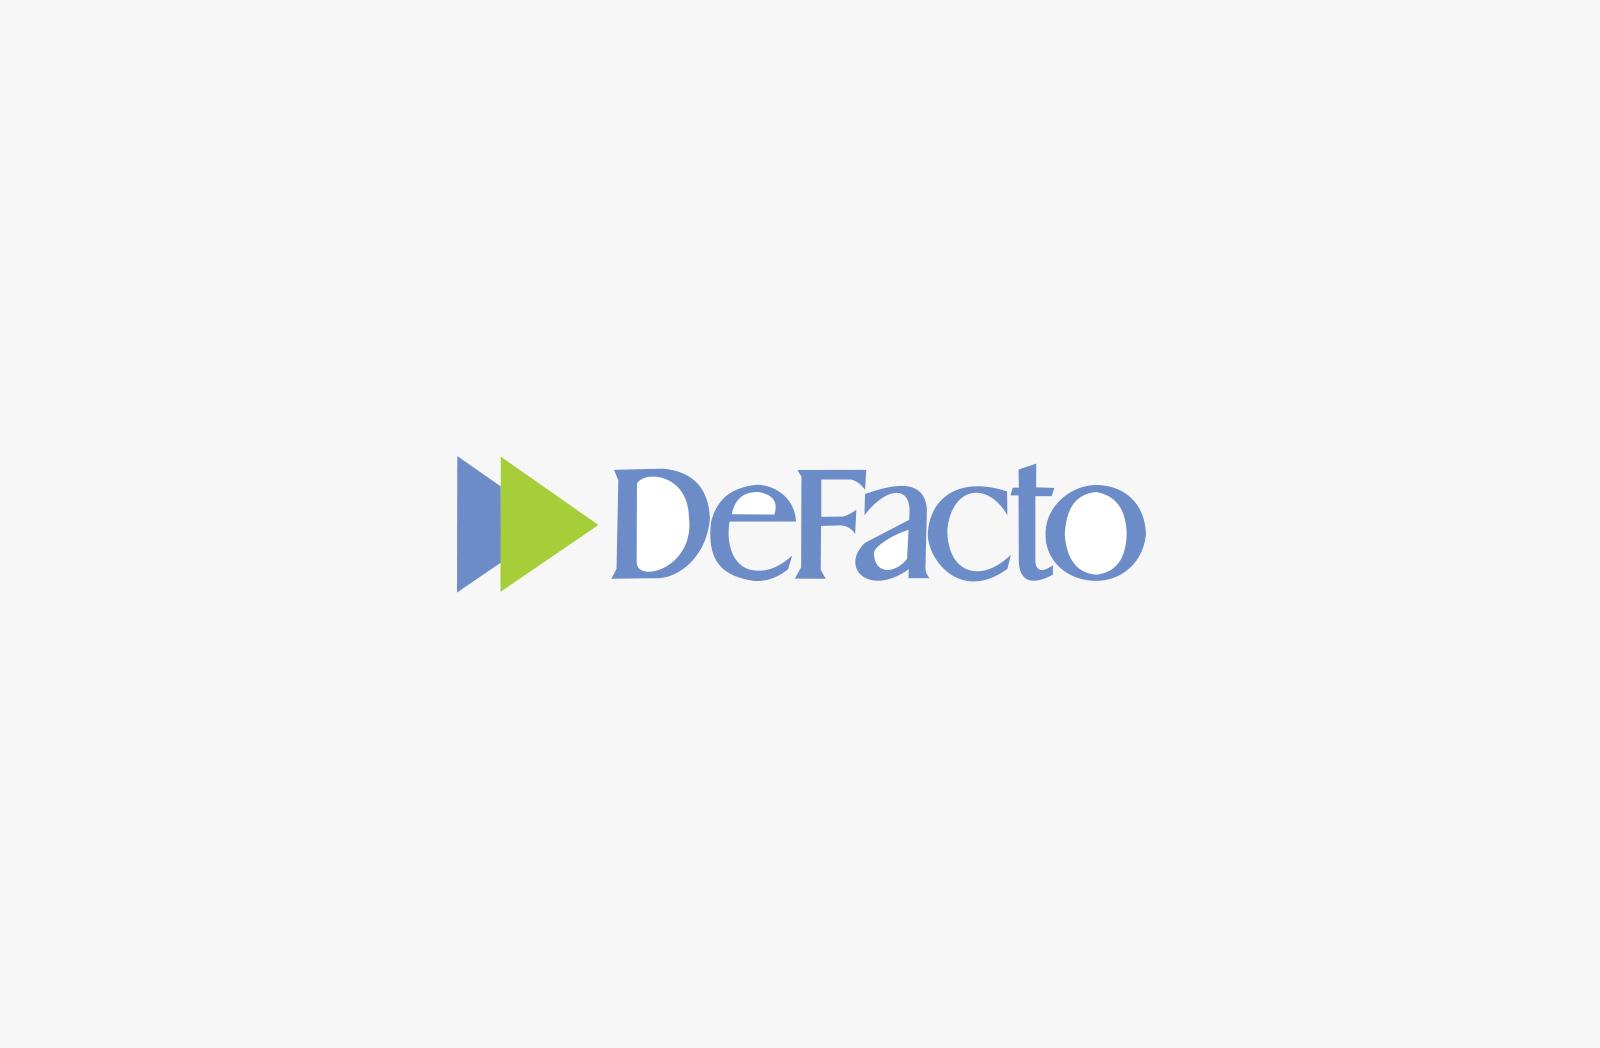 defacto-logo